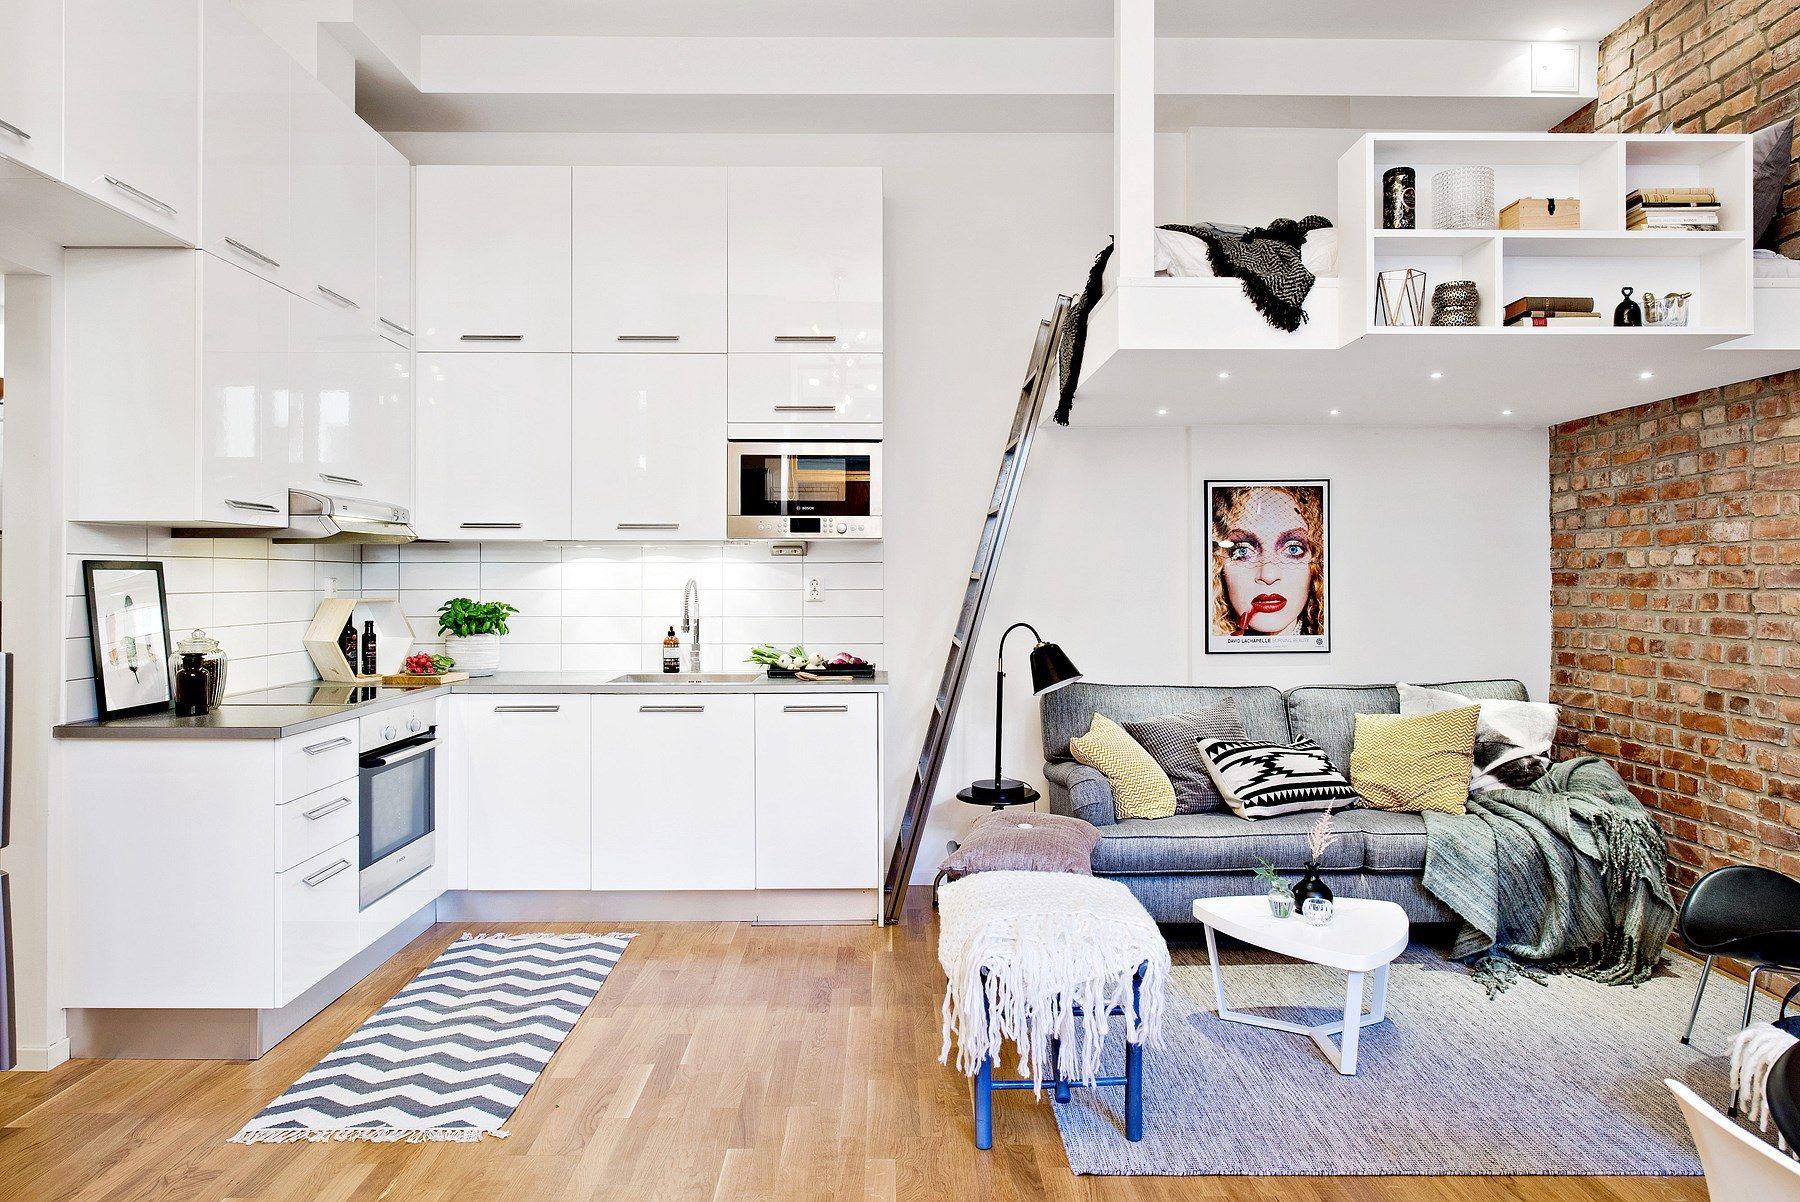 32 Qm Apartment Kleine Wohnung Schlicht Und Jedes Platz Genutzt